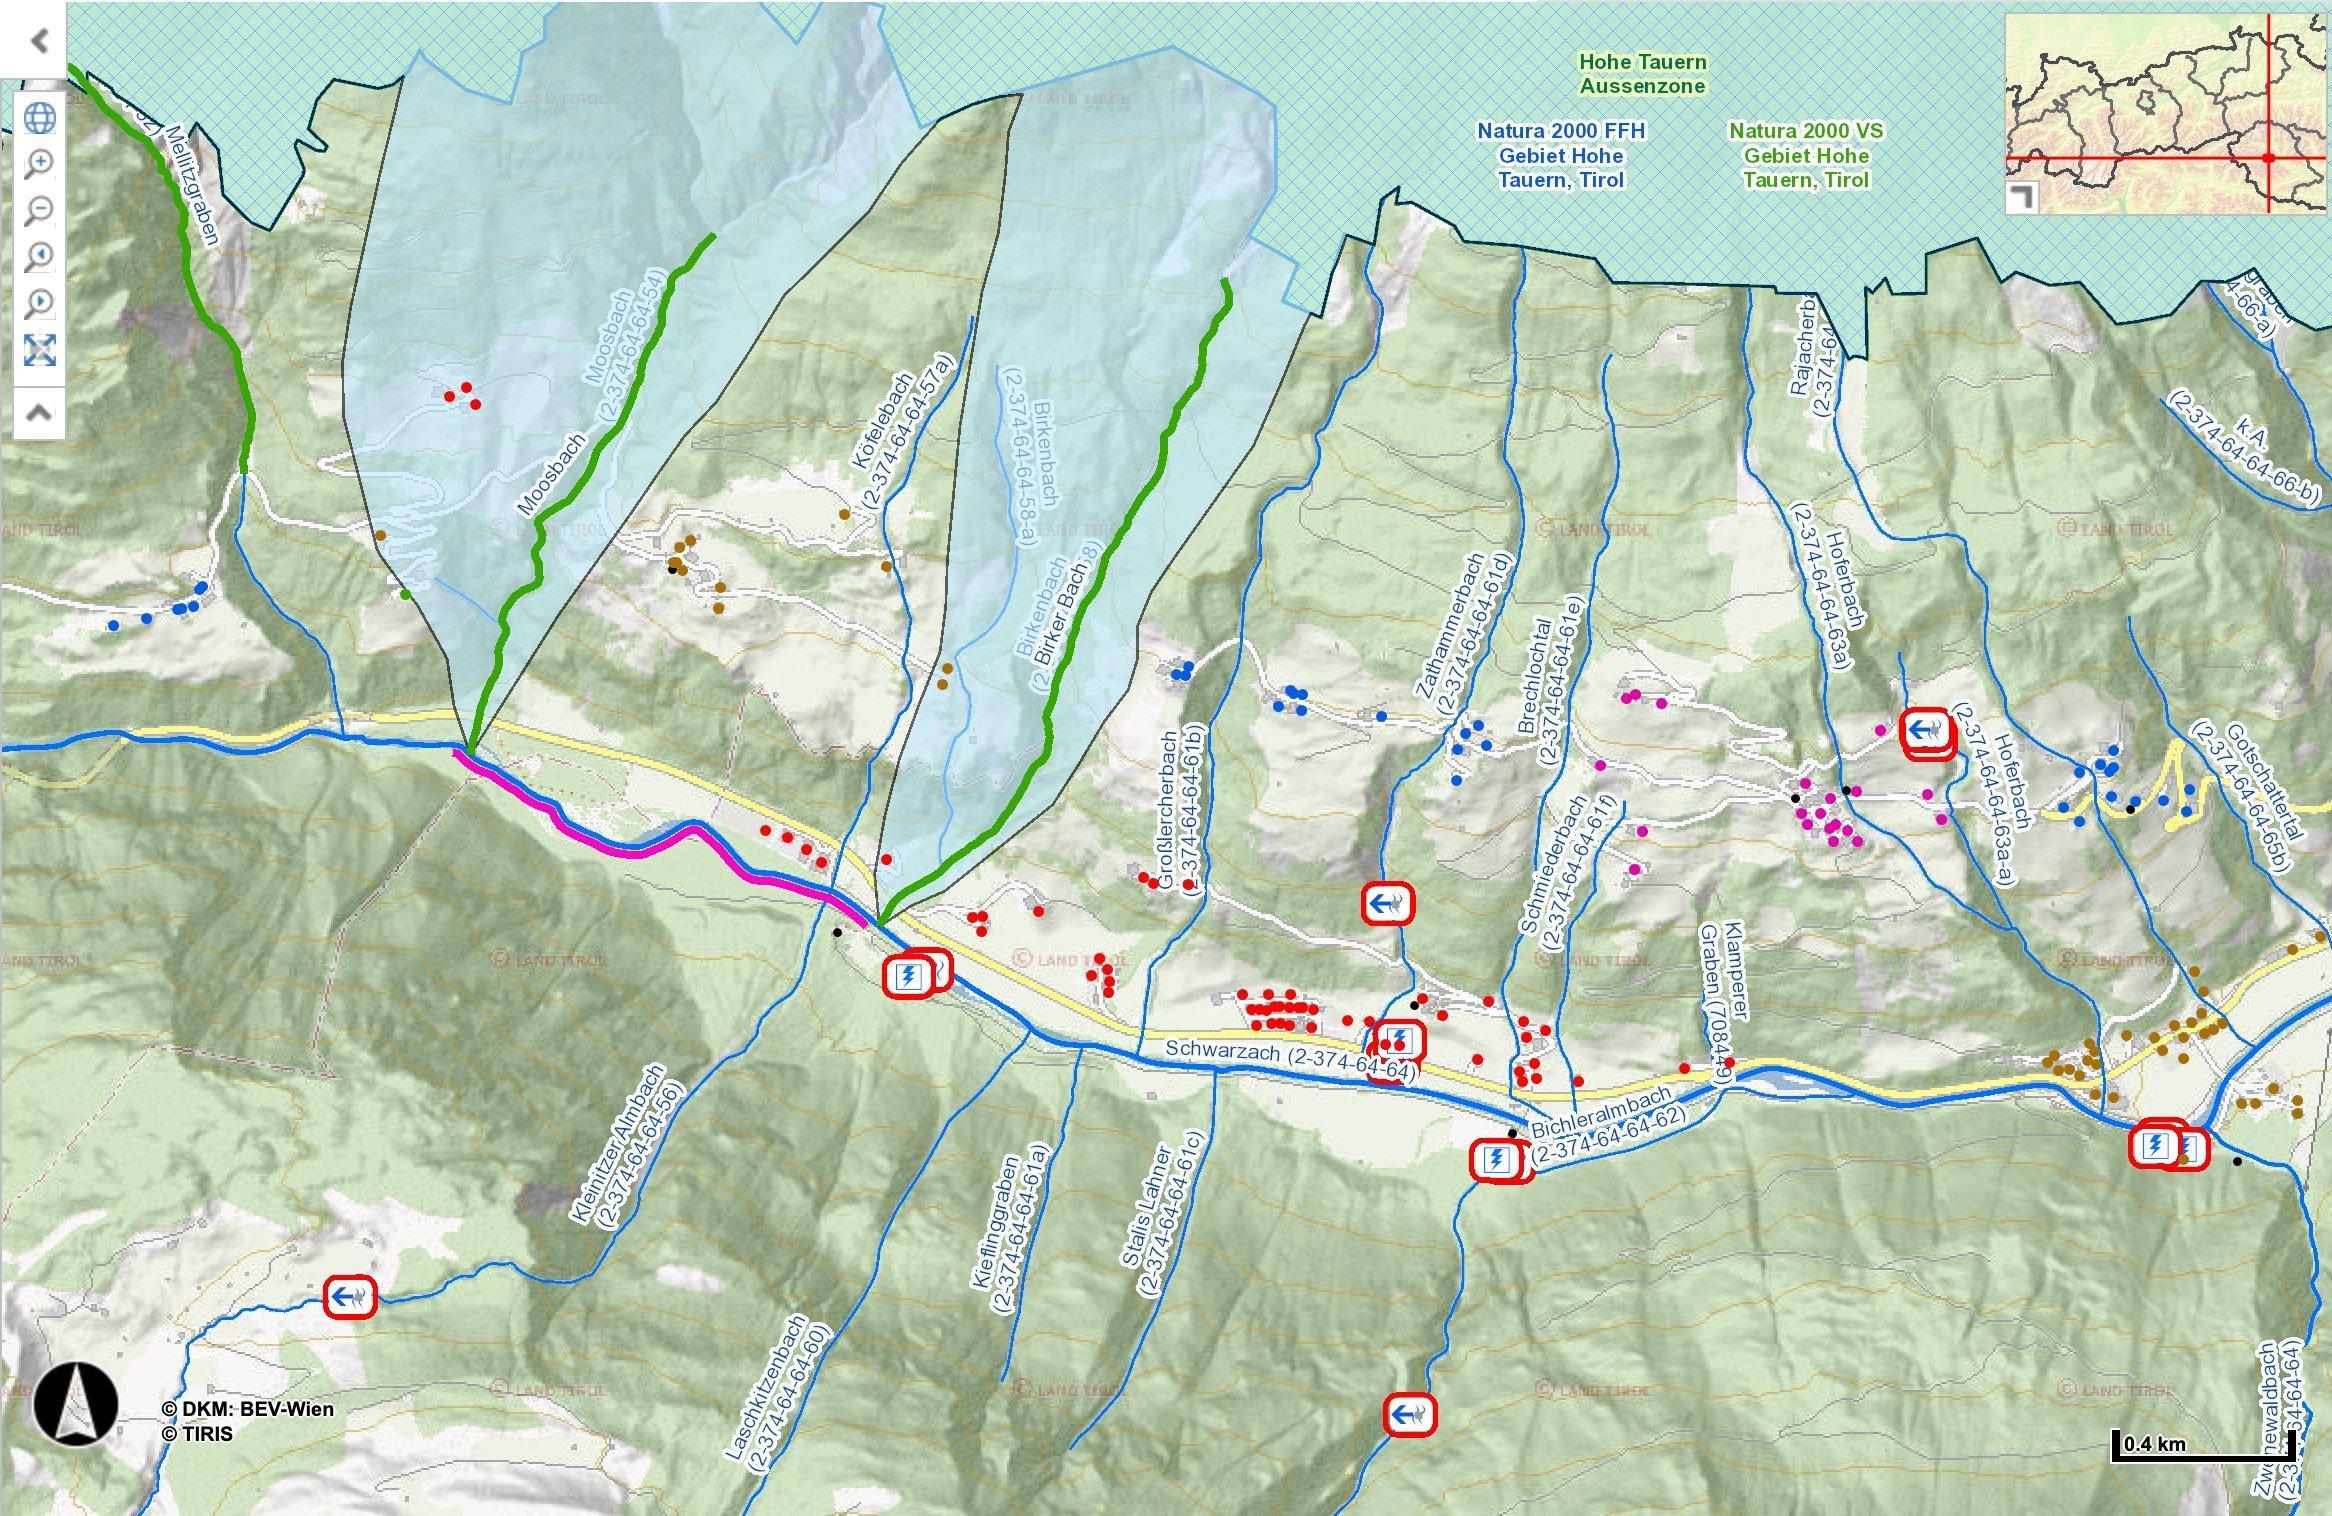 Screenshot einer Karte des Defereggentales mit Kraftwerkssymbolen.